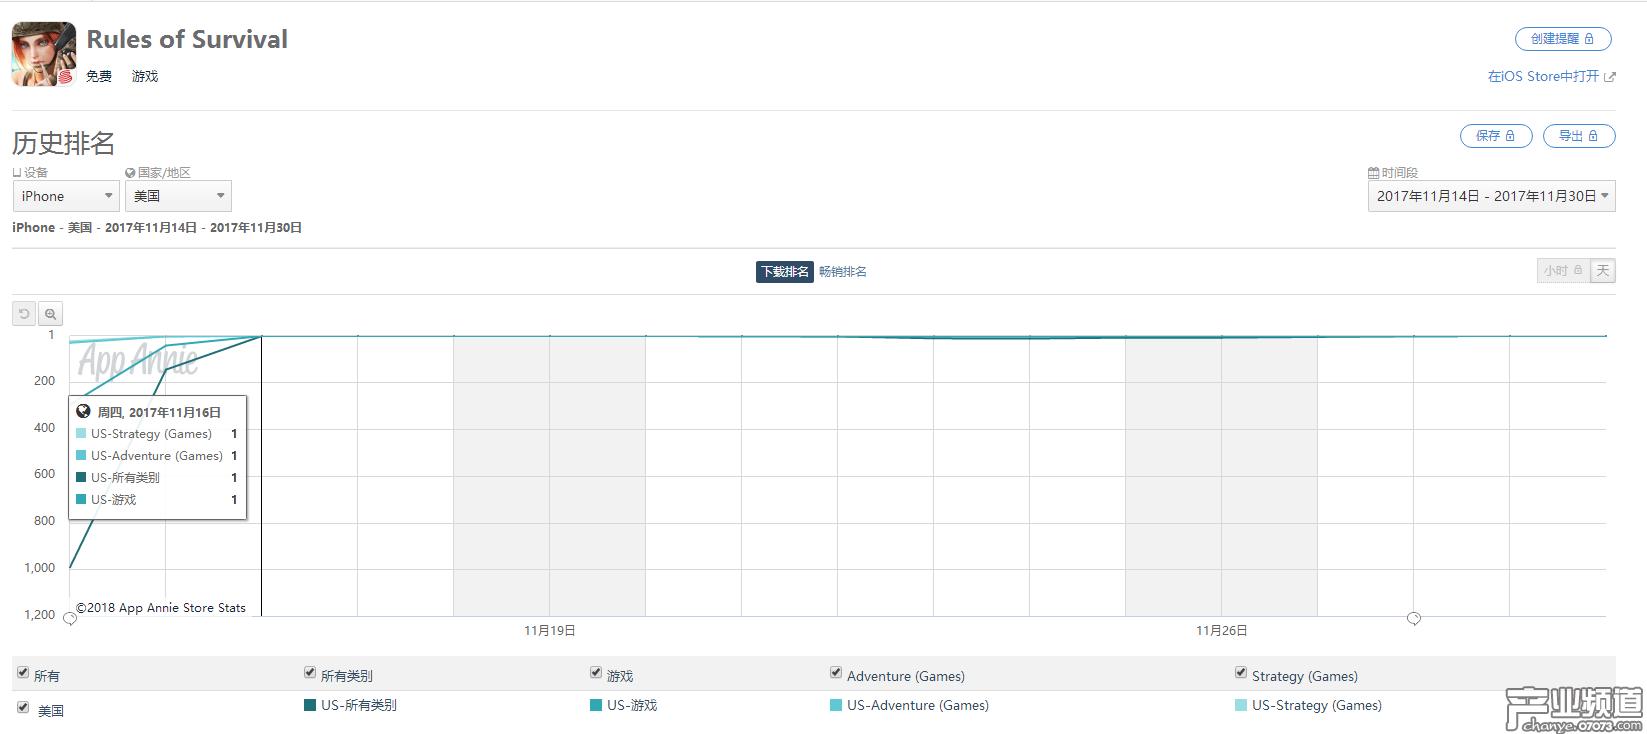 以美国地区为例,《终结者2》IOS端下载量曾一度跃居榜首